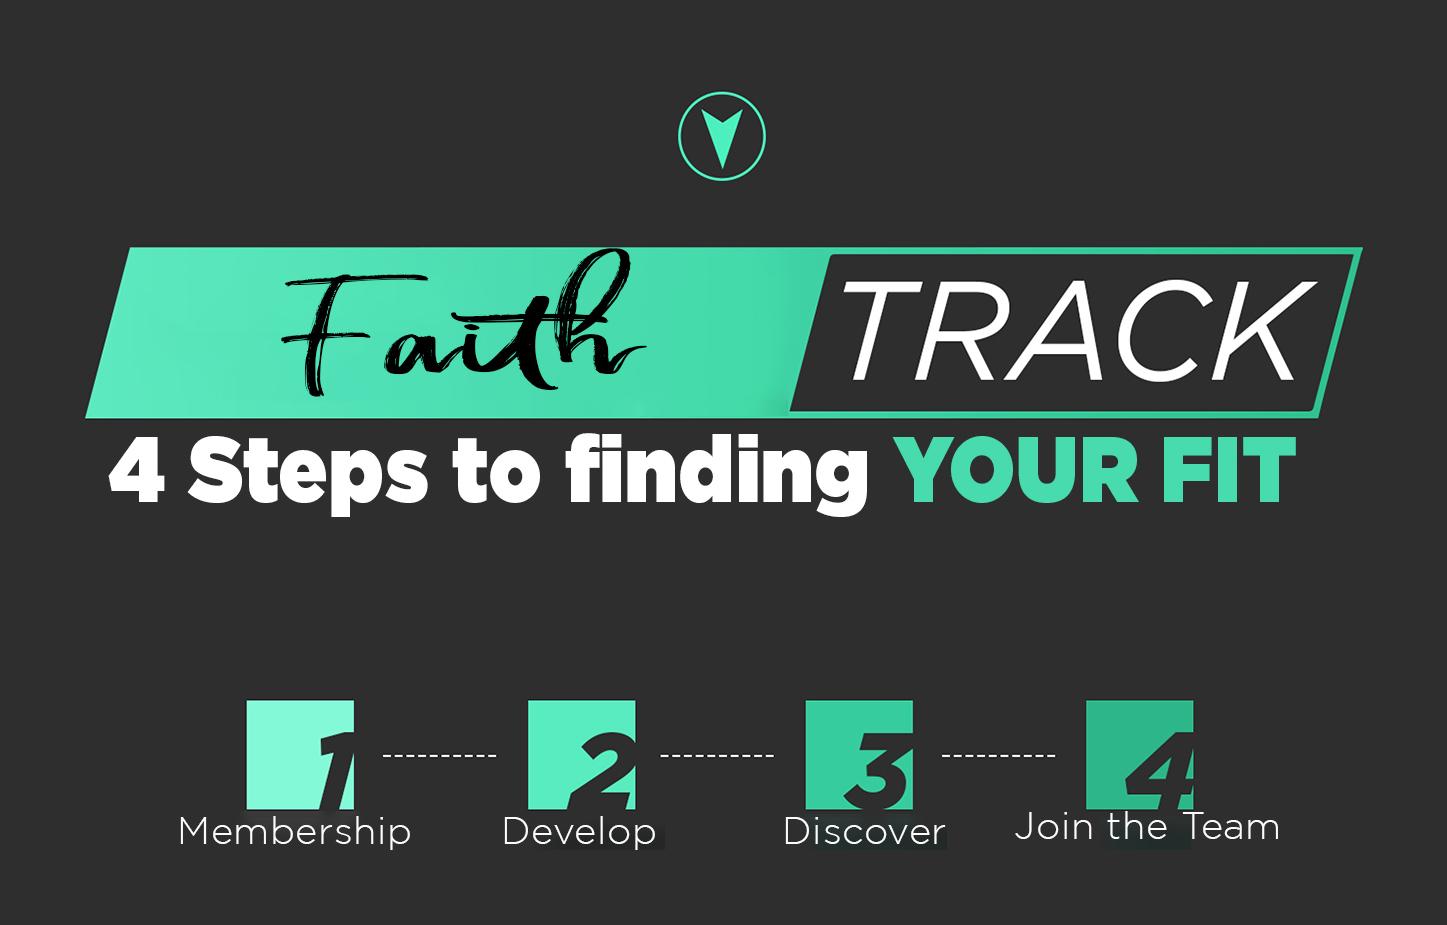 Faith track page